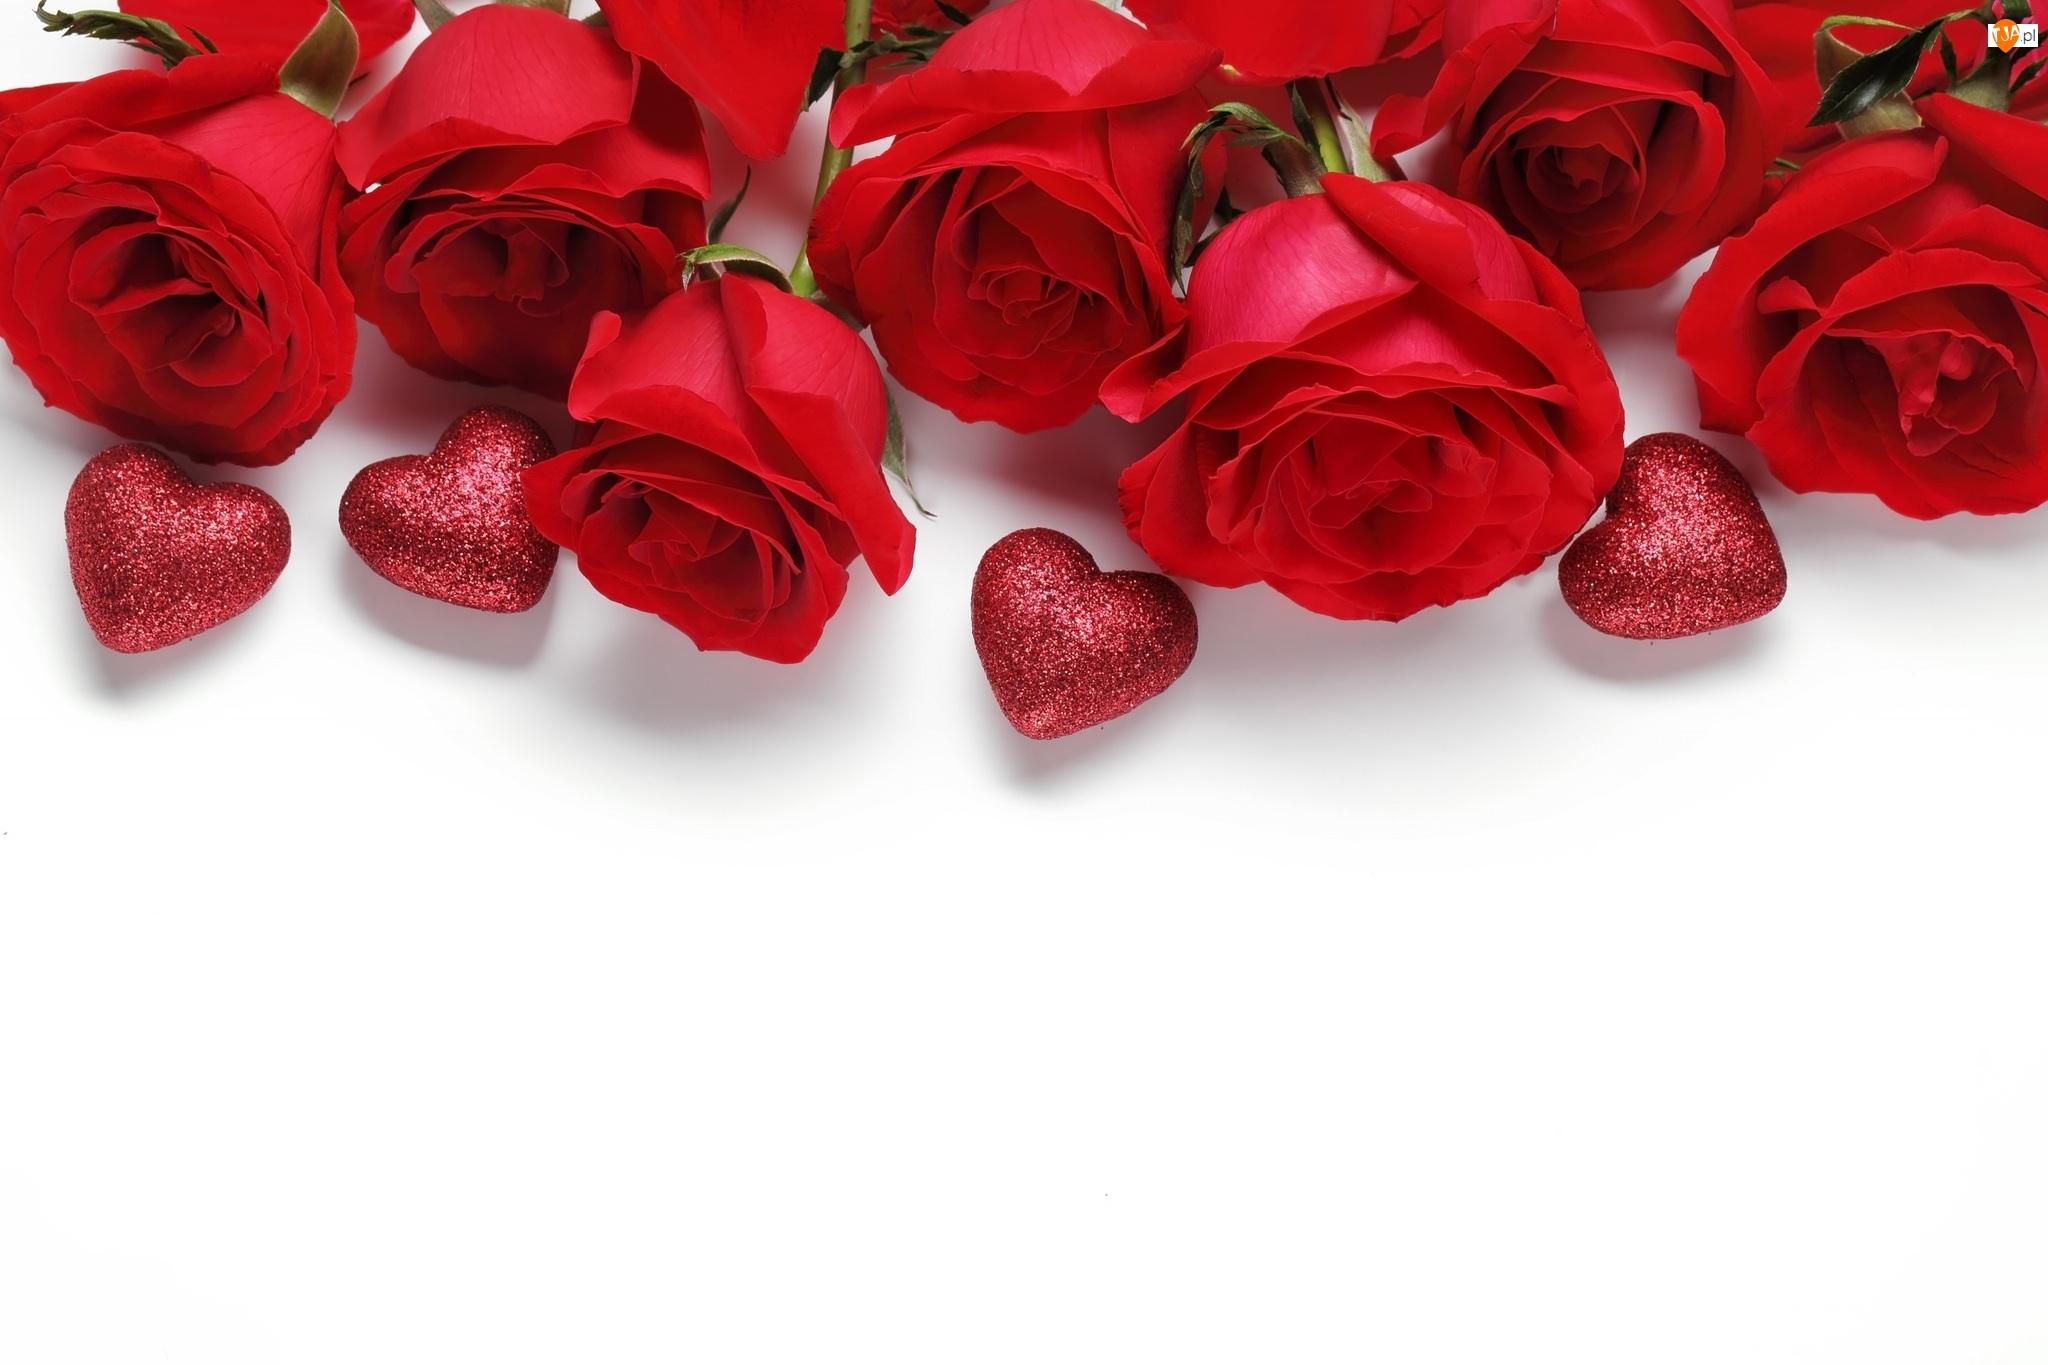 Róże, Brokatowe, Serduszka, Czerwone